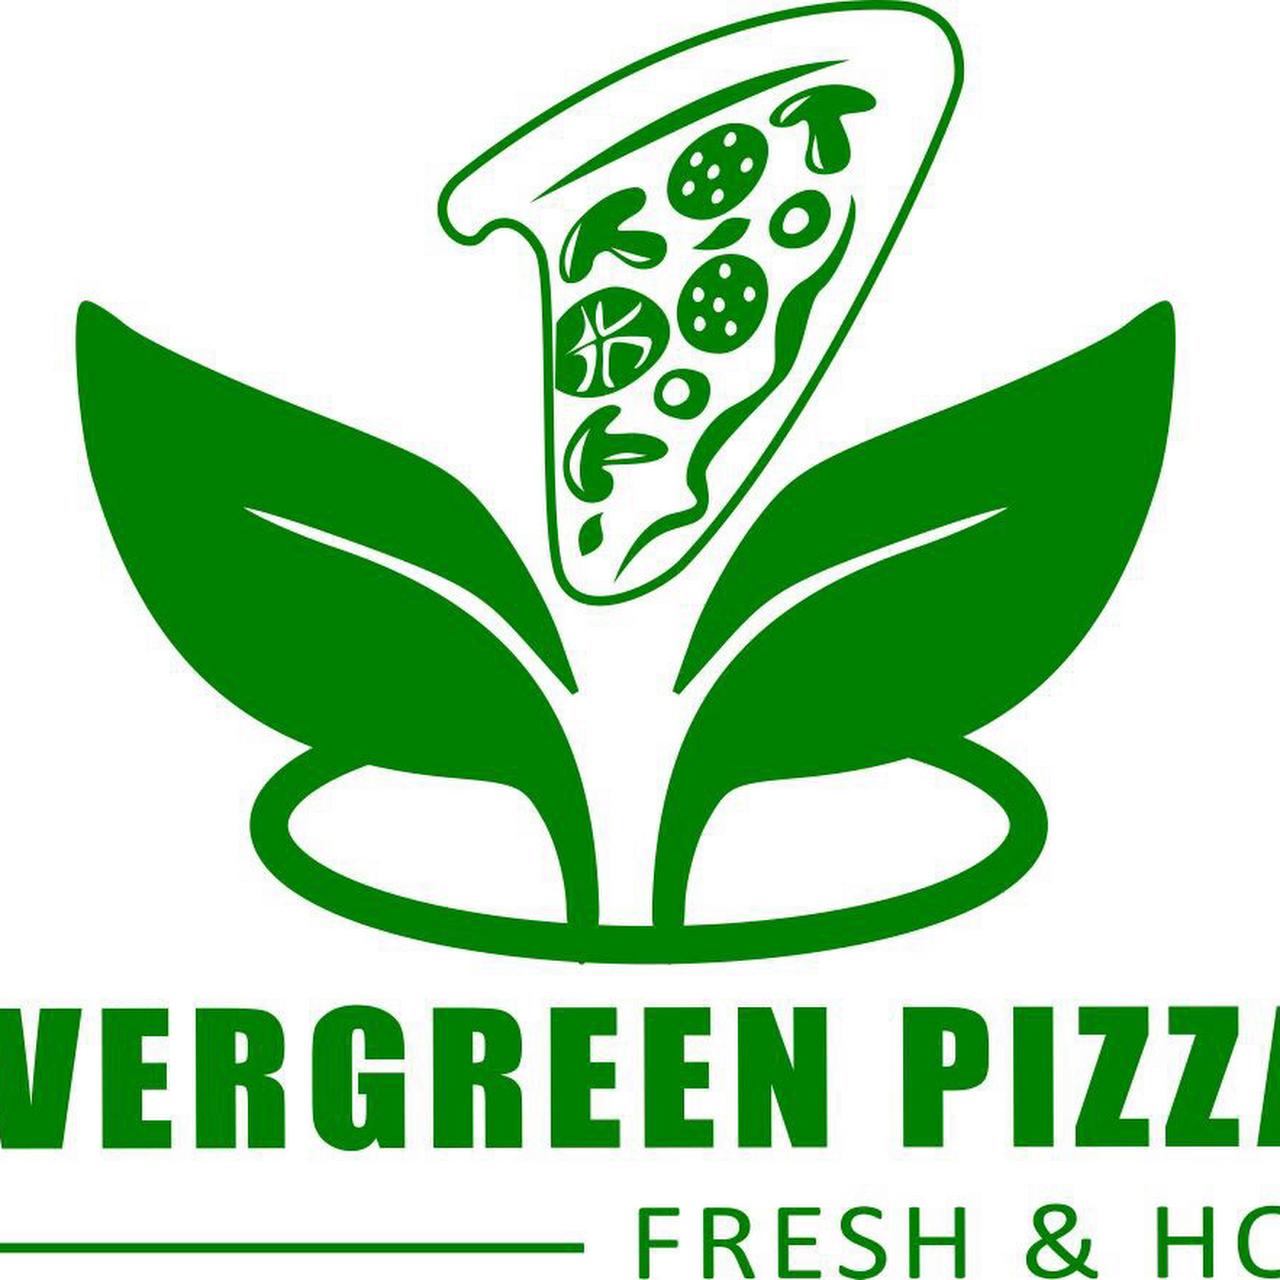 Extrem pizza ettlingen öffnungszeiten